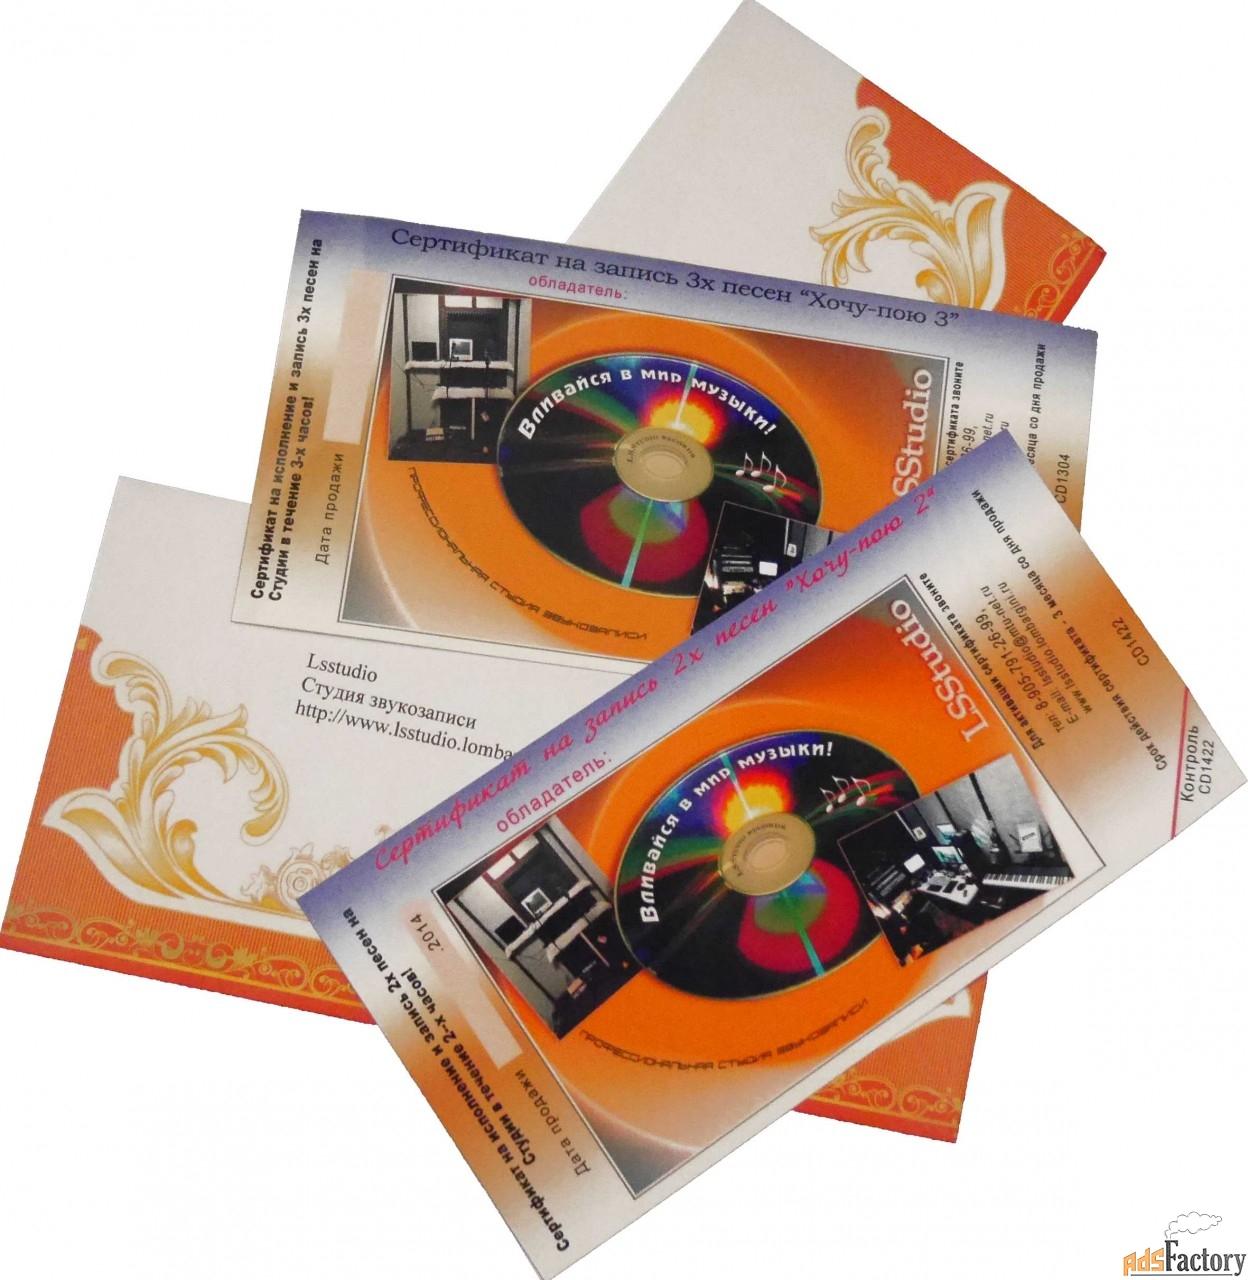 Сертификат на запись песни в студии в Подарок